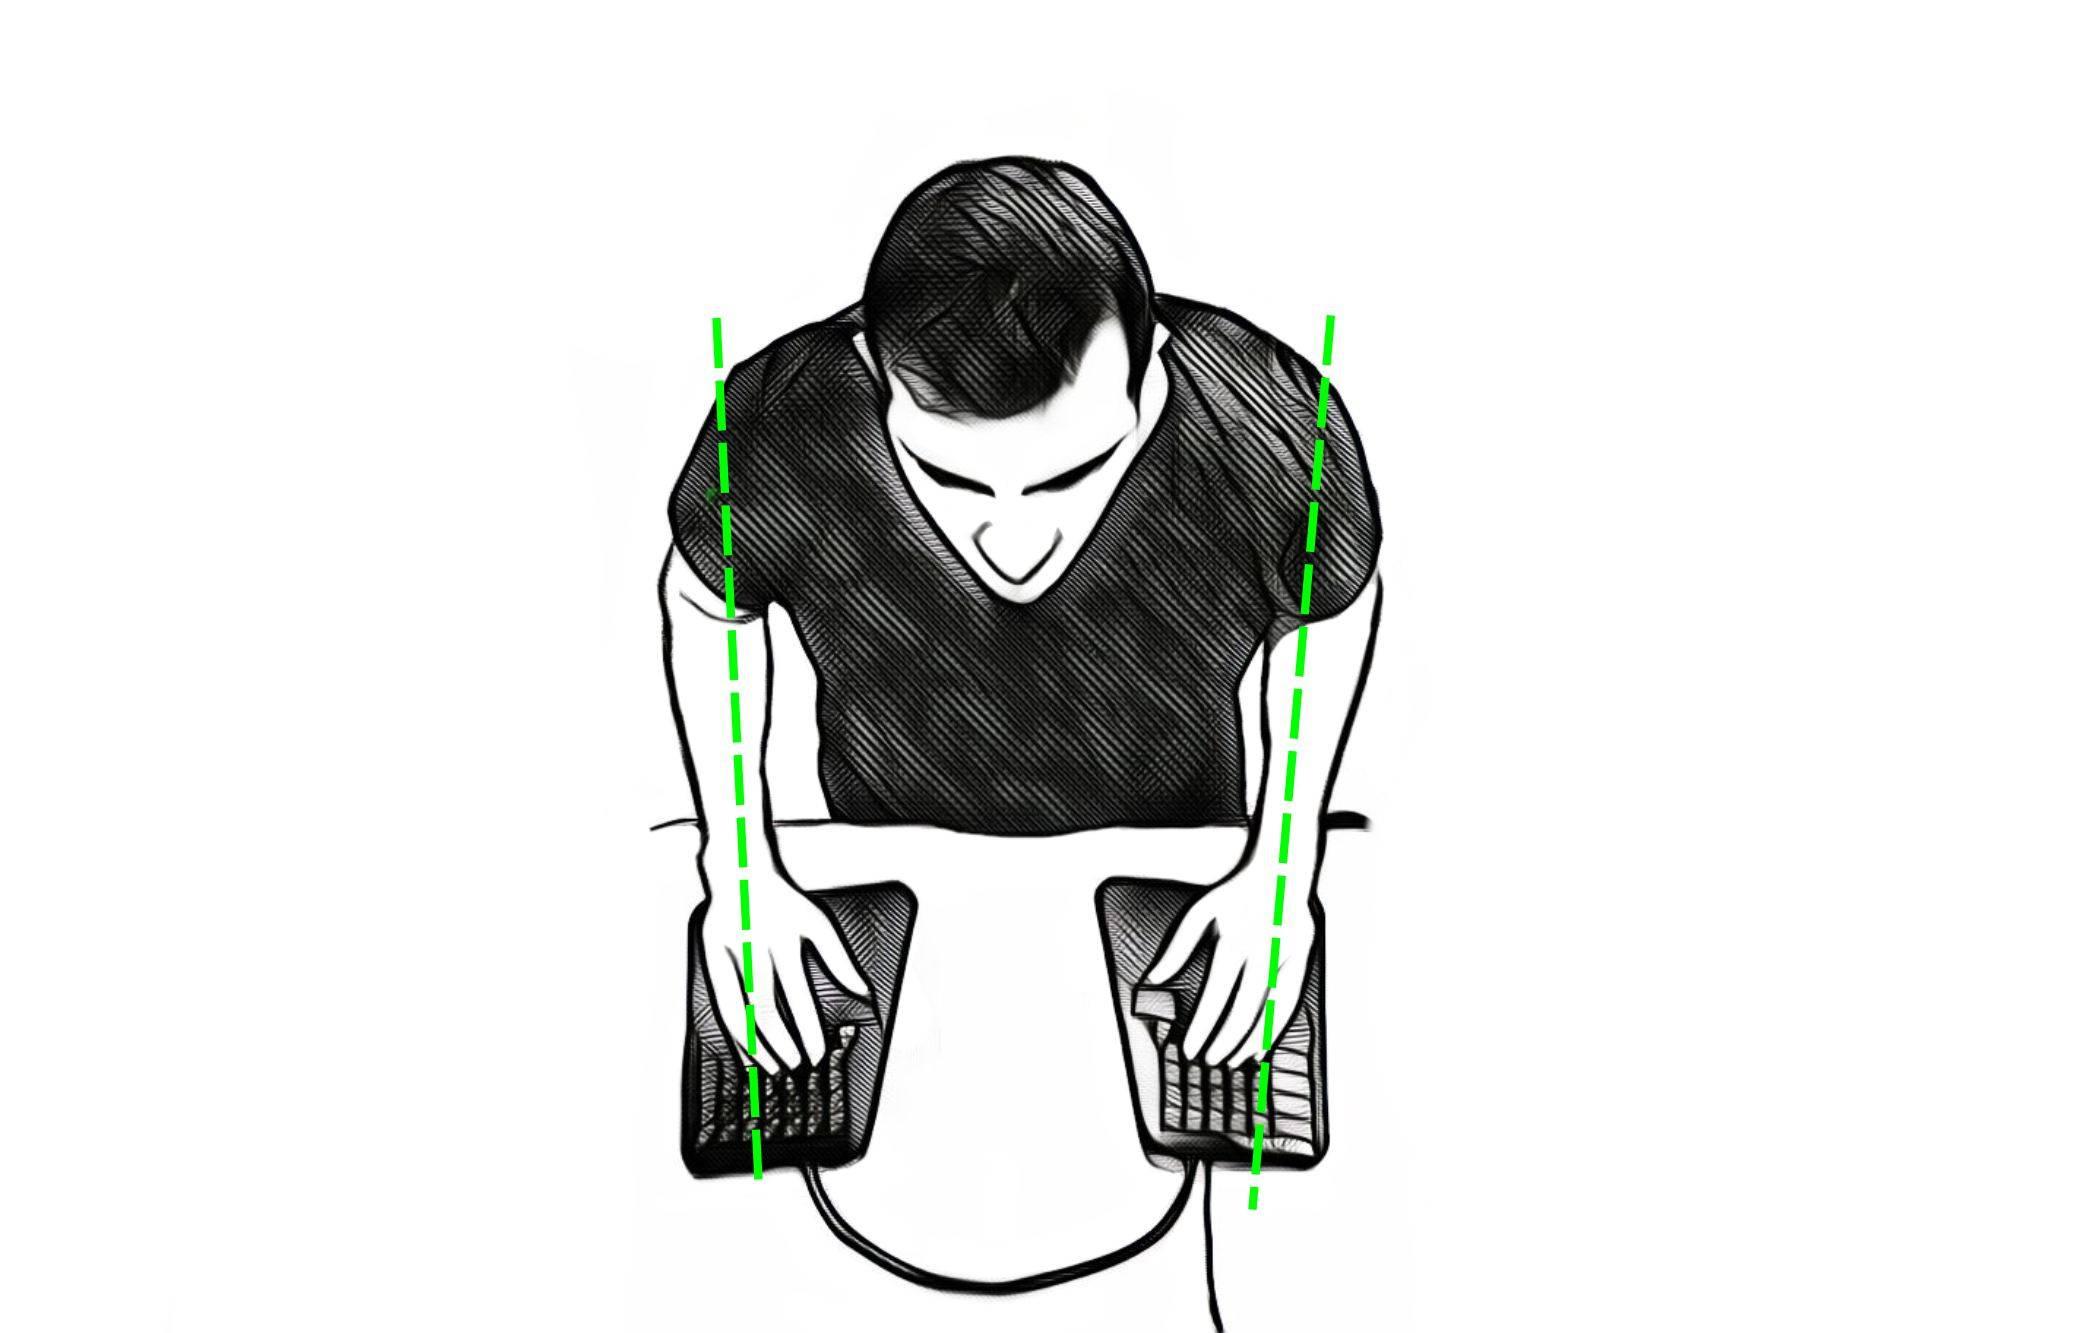 zergo freedom split posture